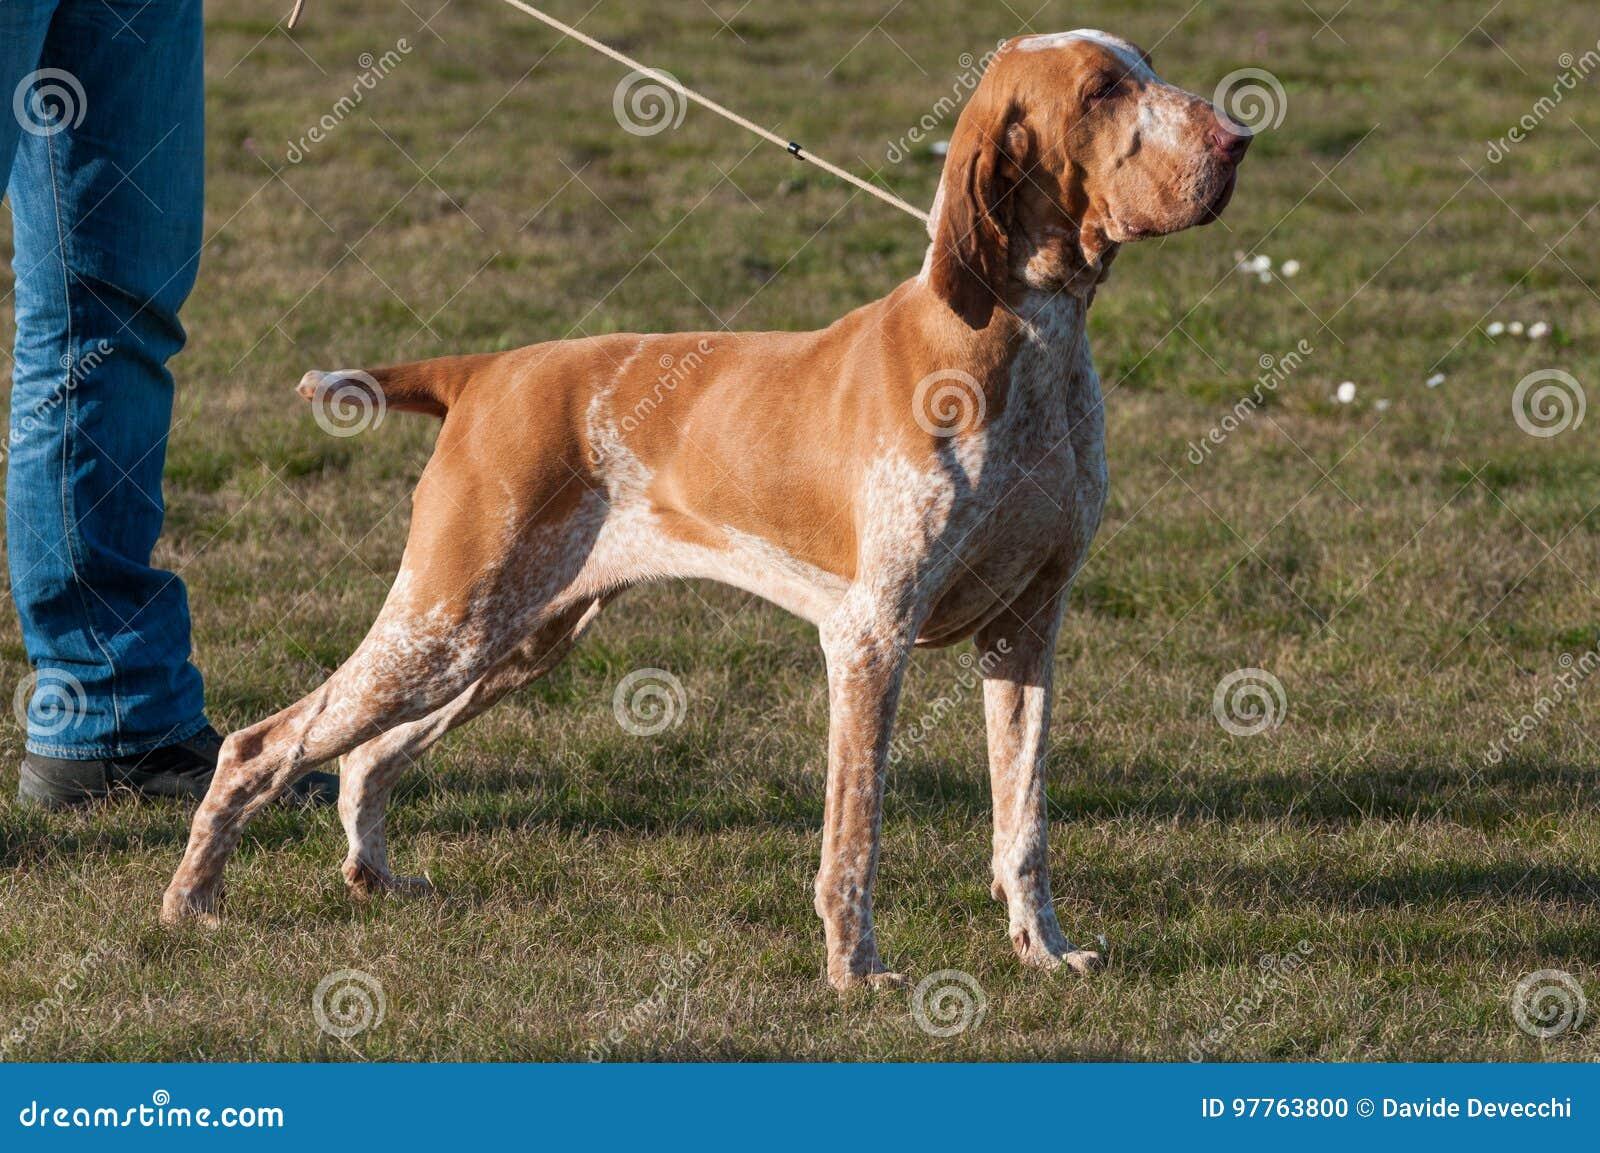 Un Bracco italiano, una raza punteaguda del perro de caza